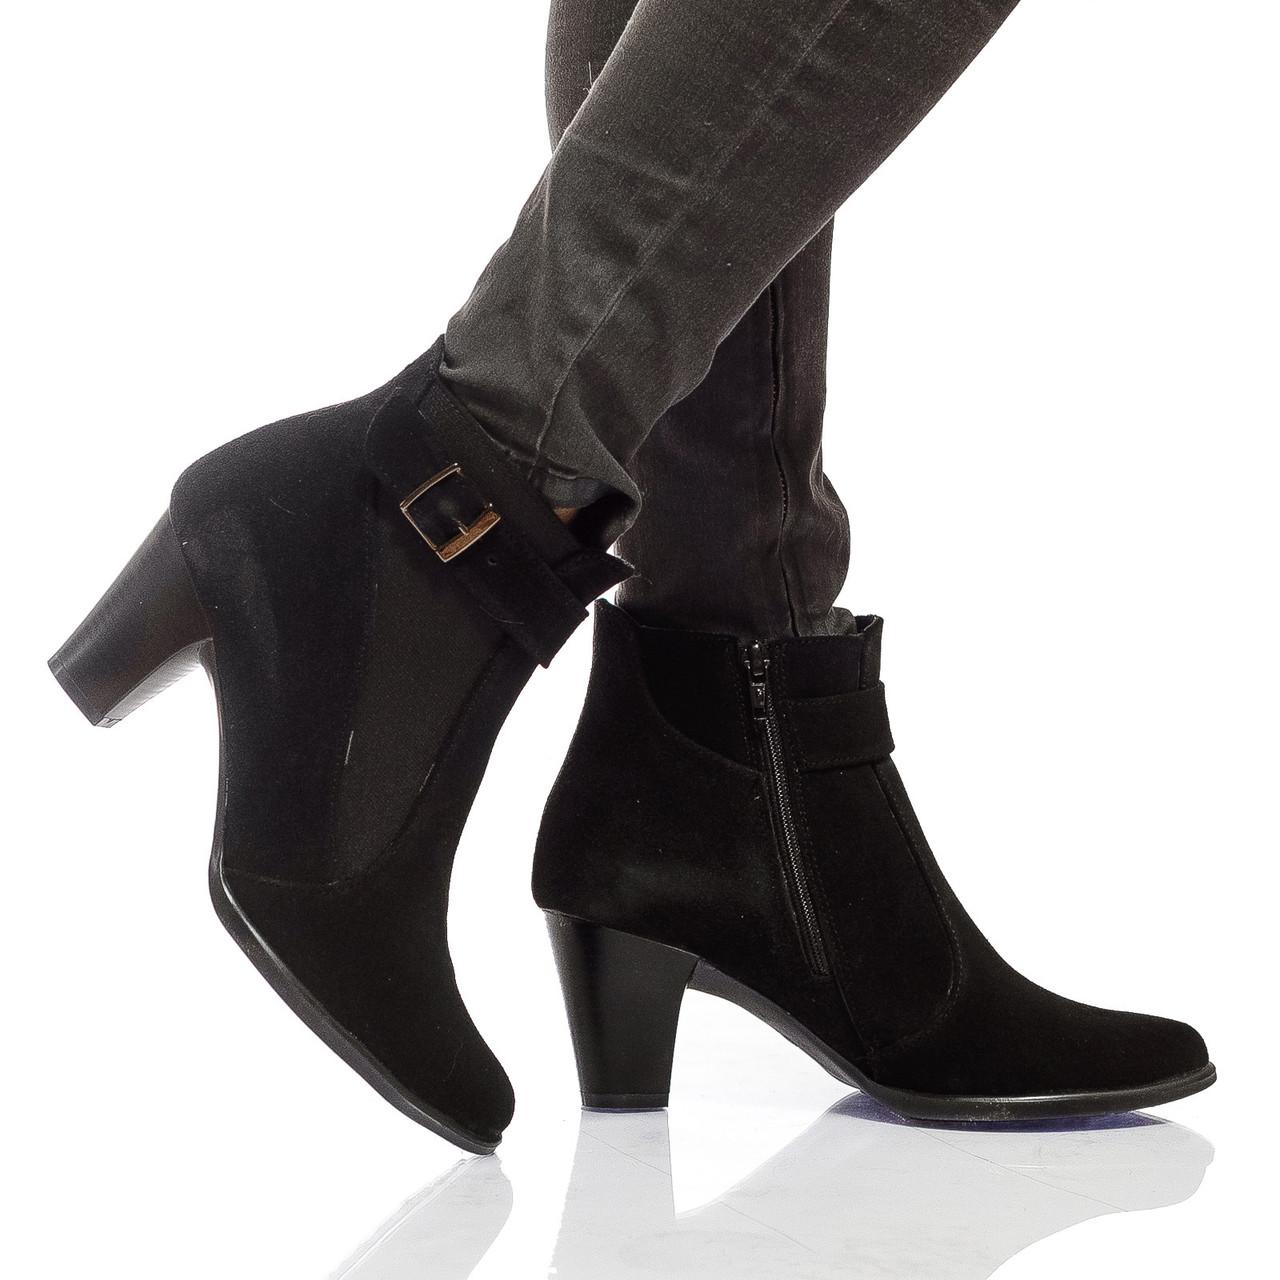 Ботинки на каблуке, из натуральной кожи, замша, с мехом на молнии. Два цвета! Размеры 36-41 модель S2606